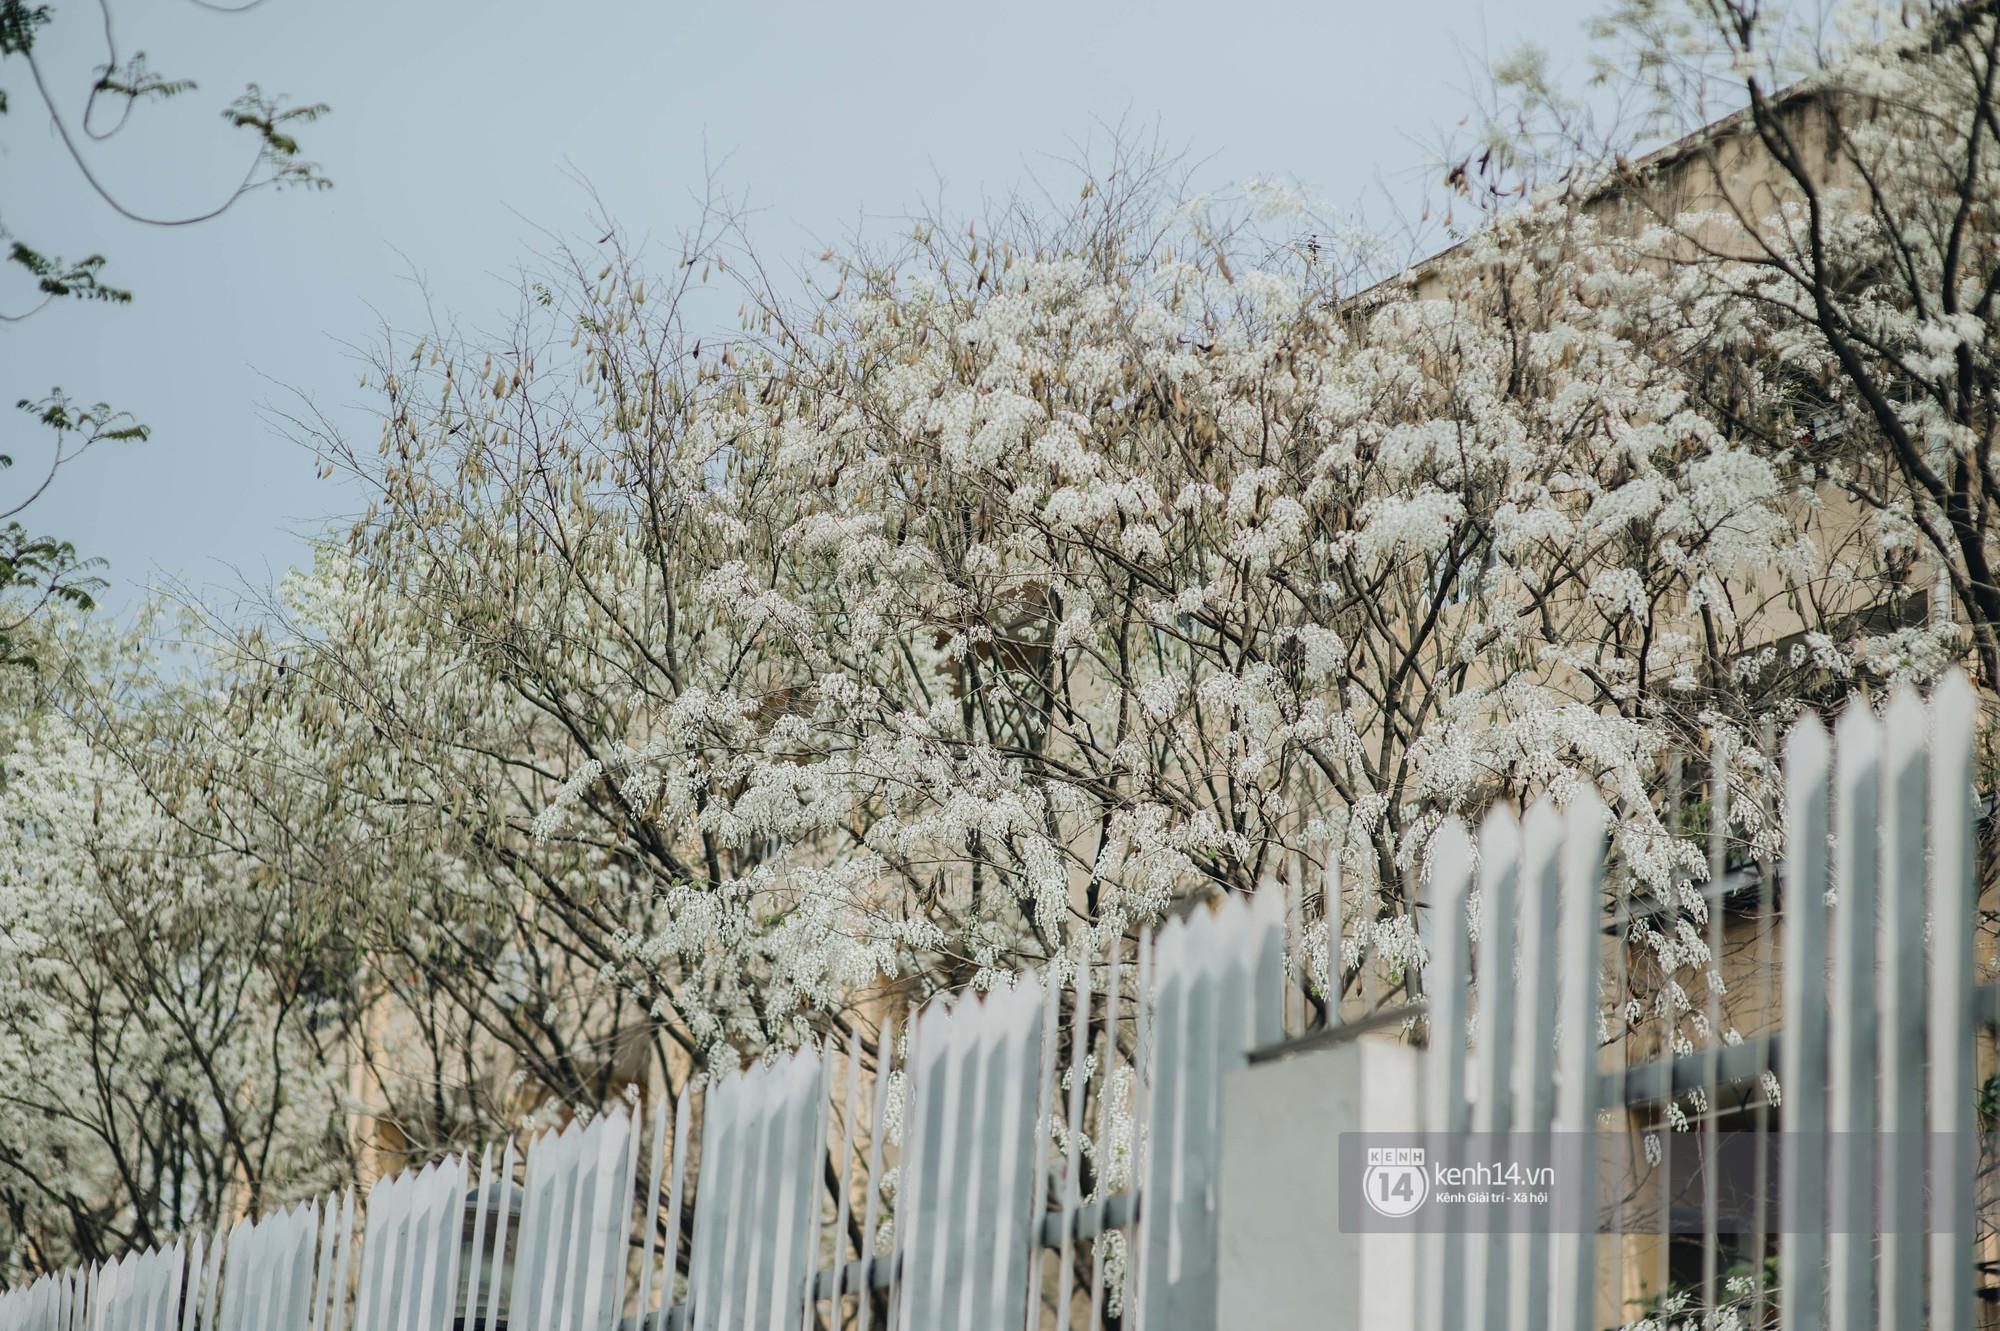 Đây là Hà Nội, của những ngày hoa sưa tinh khôi phủ trắng trời như tuyết - Ảnh 6.